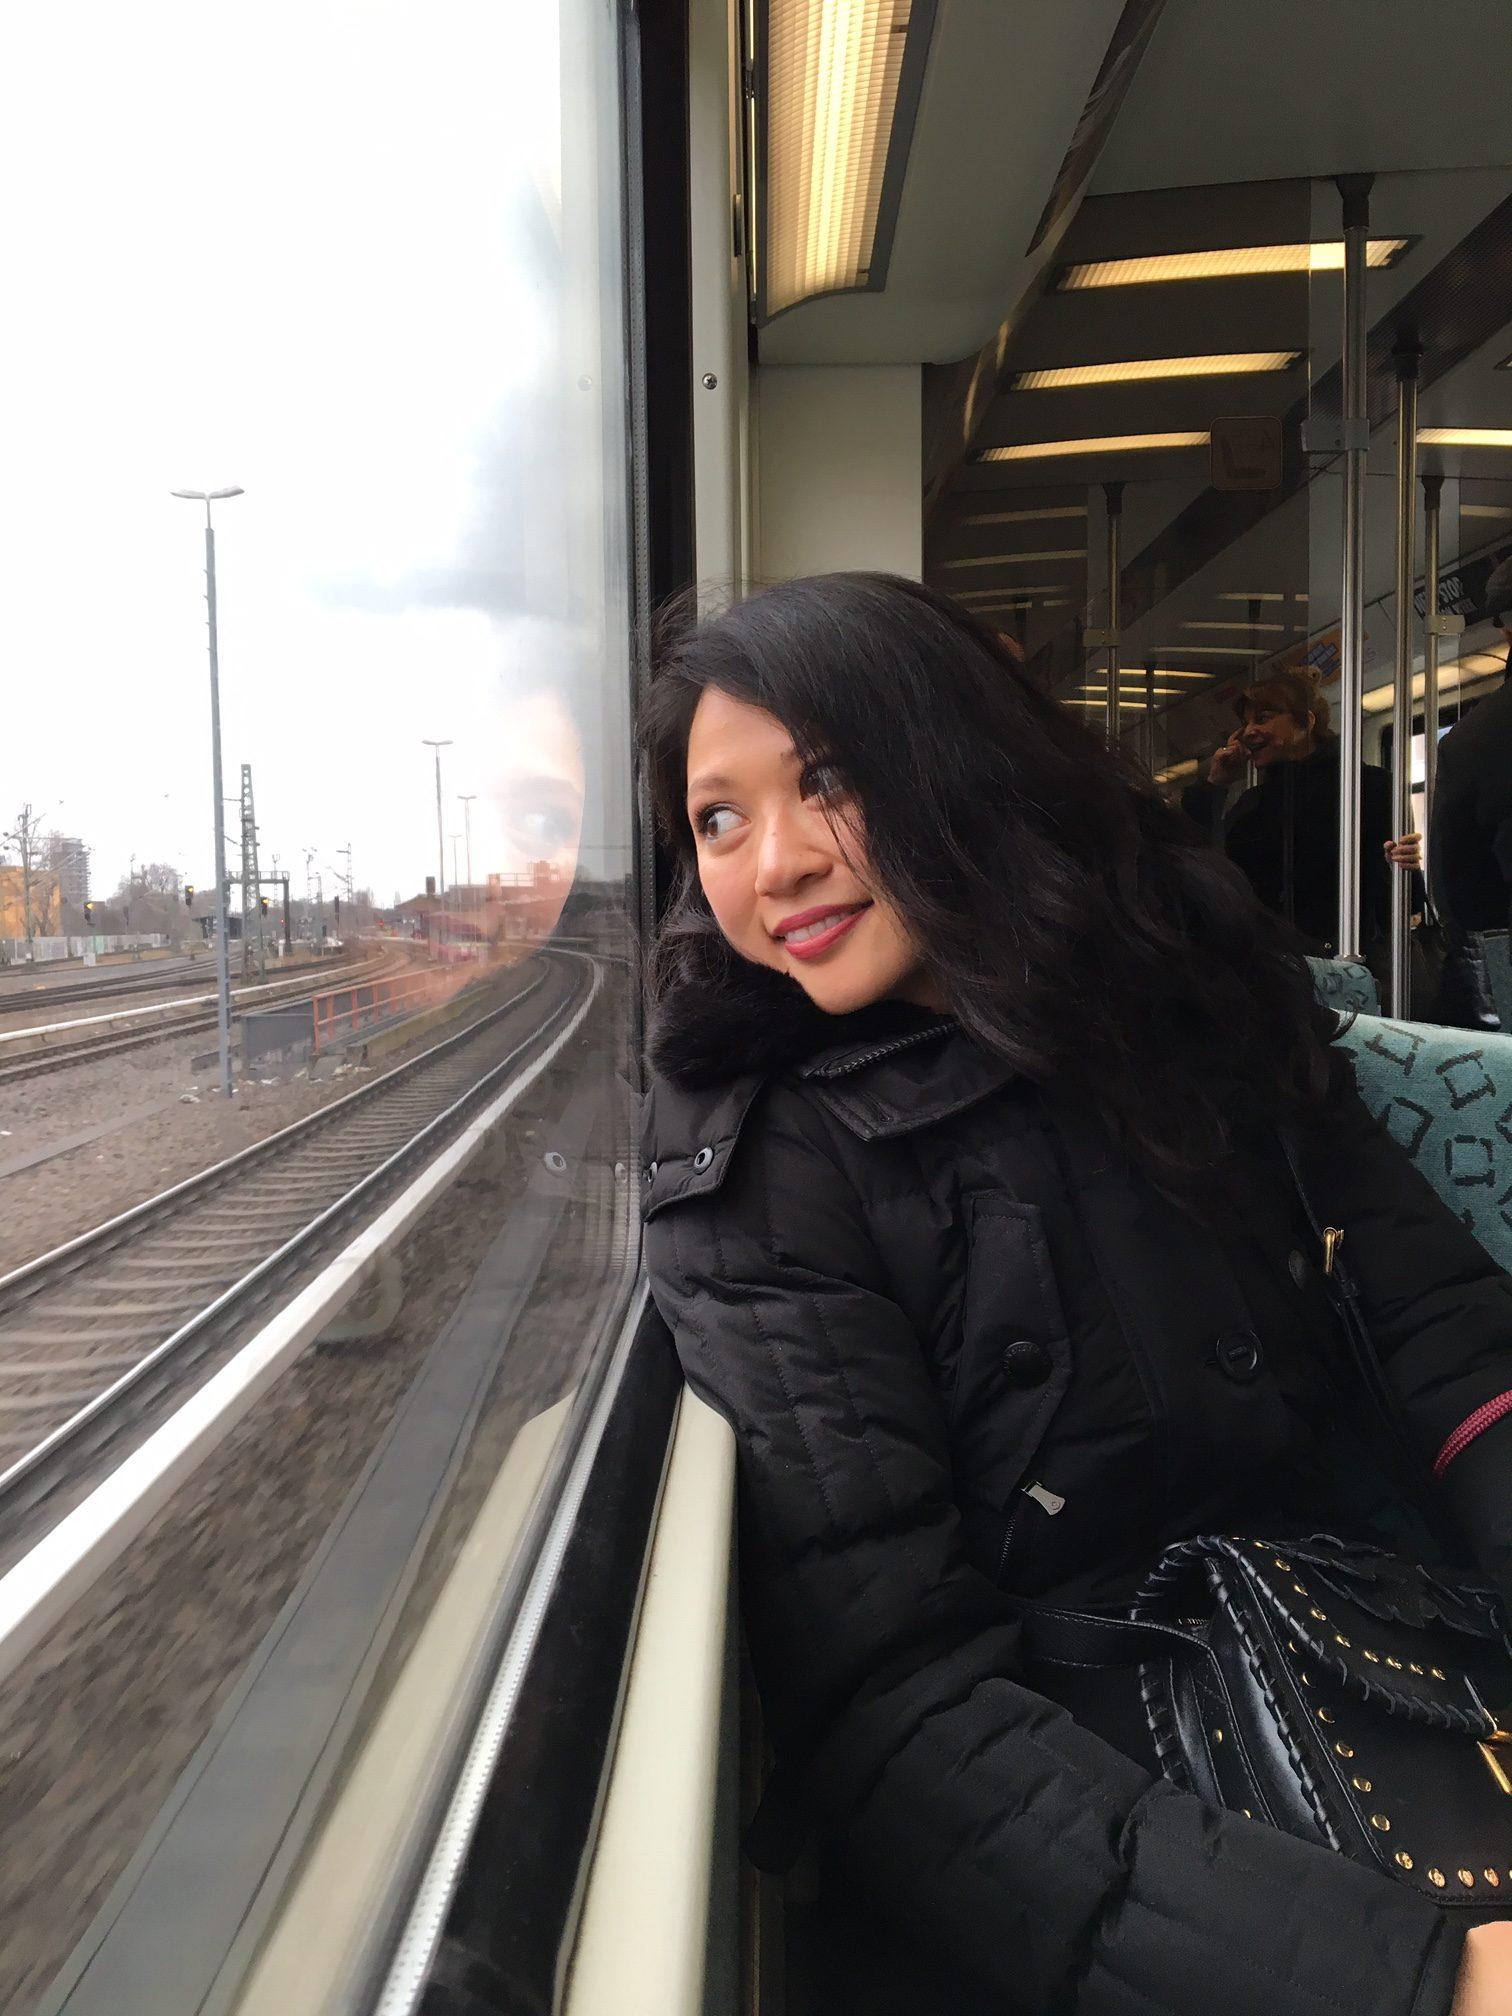 Berlin, S-Bahn, BVG, weil wir dich lieben